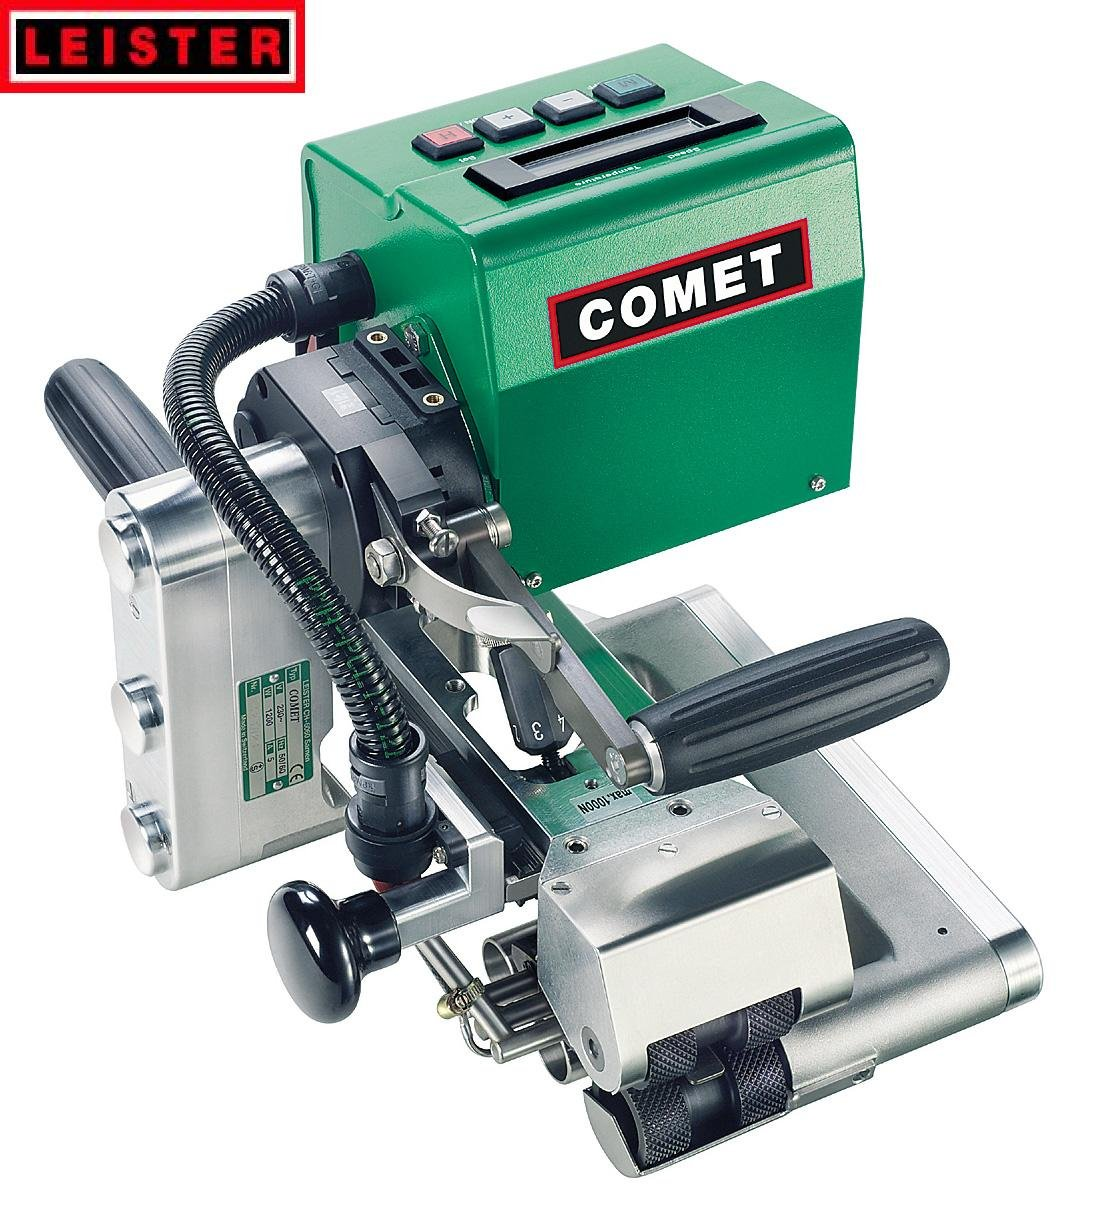 leister plastic welding machine comet [ 1095 x 1223 Pixel ]